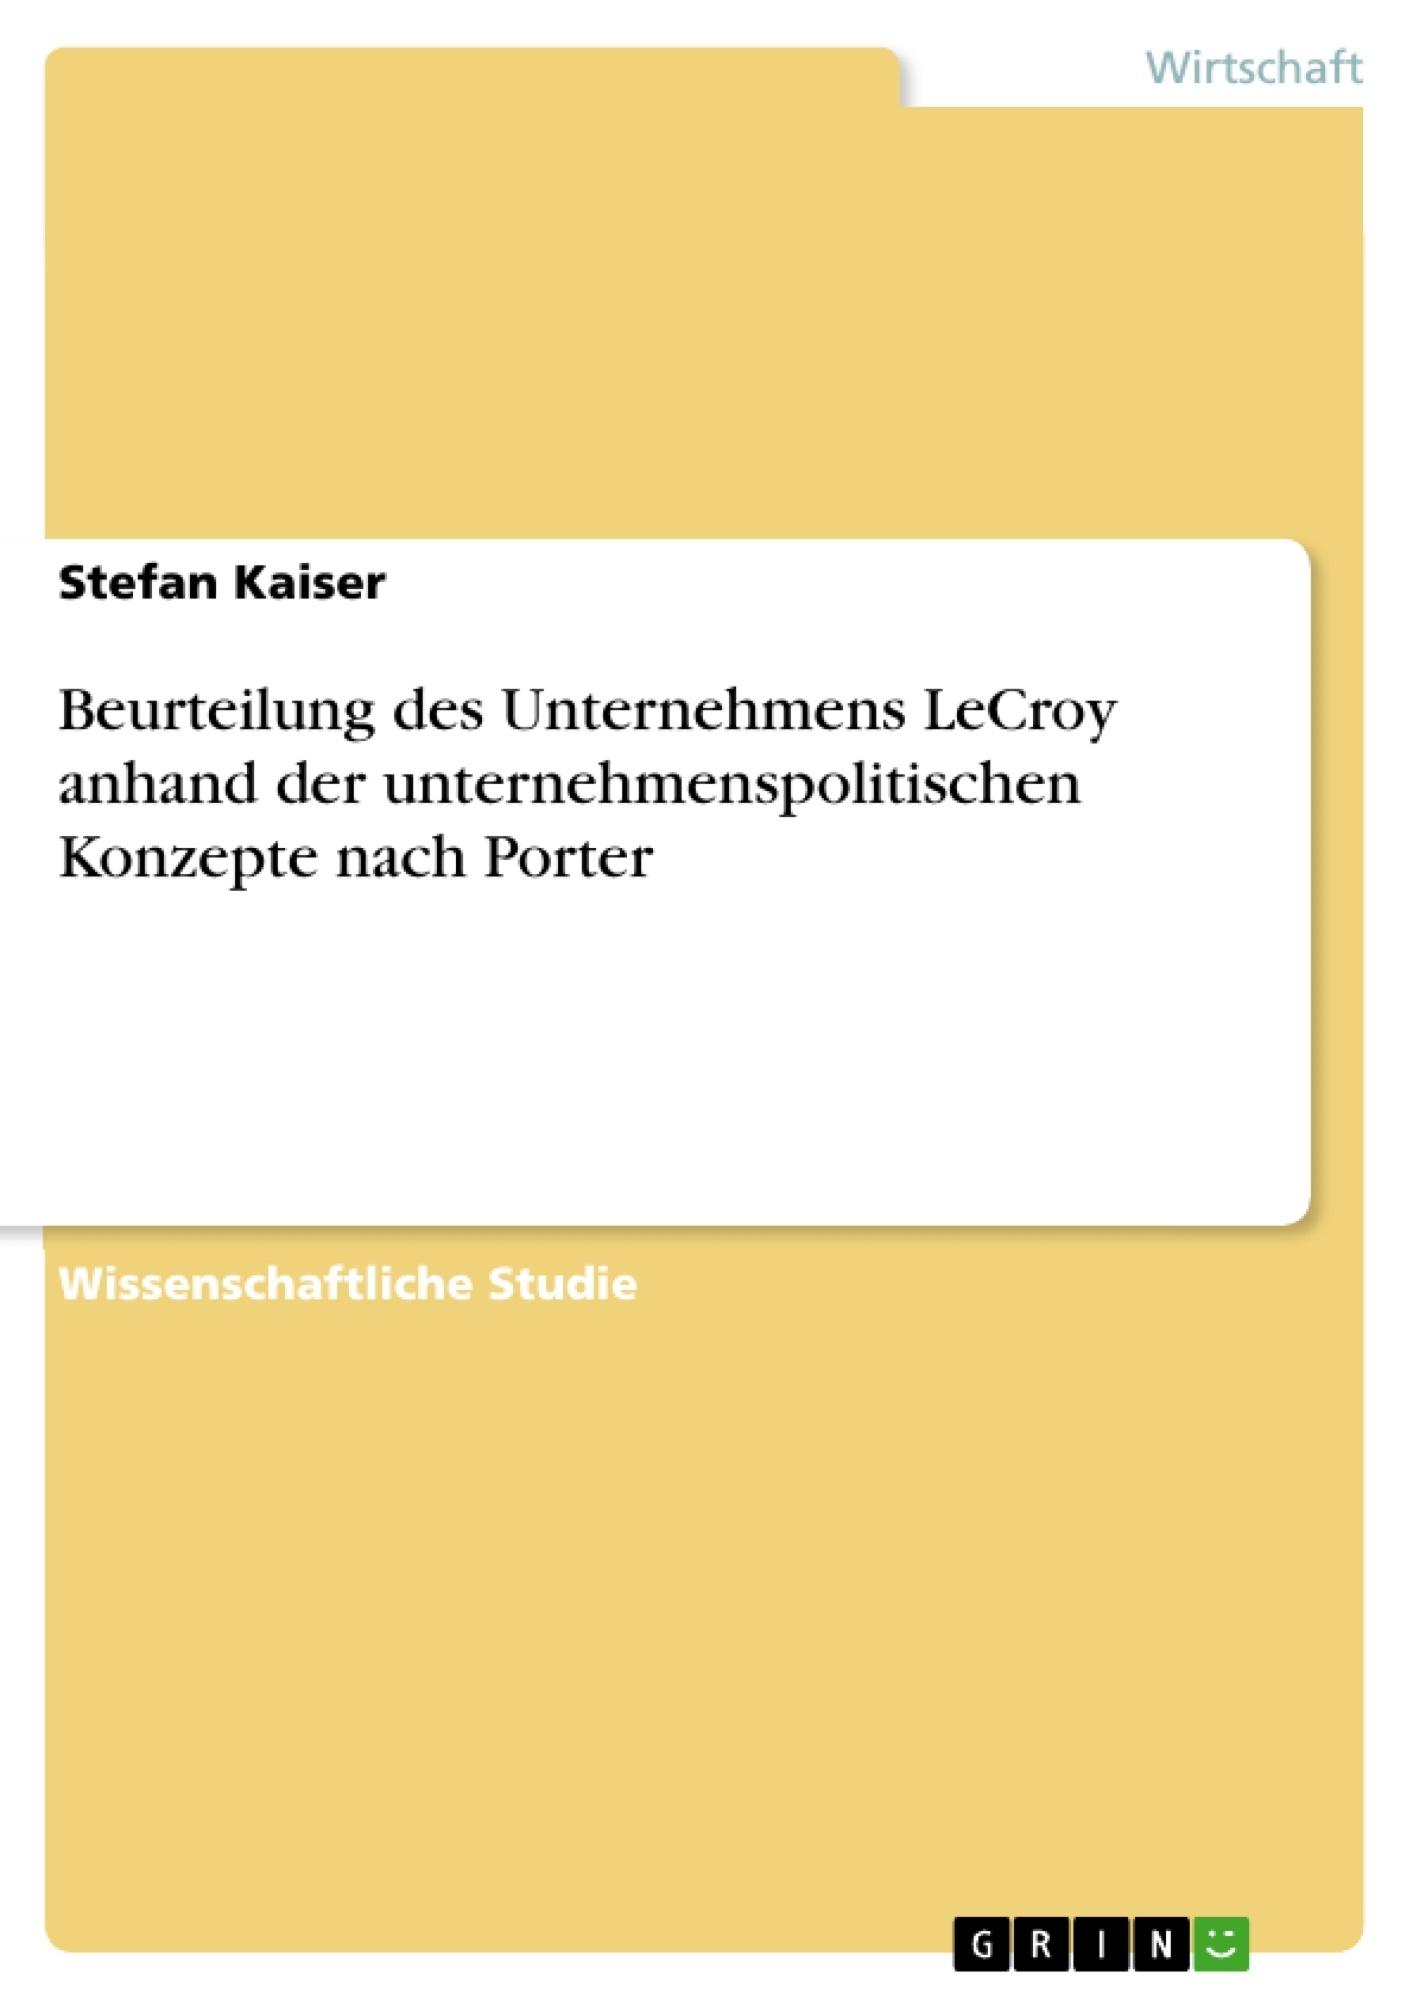 Titel: Beurteilung des Unternehmens LeCroy anhand der unternehmenspolitischen Konzepte nach Porter